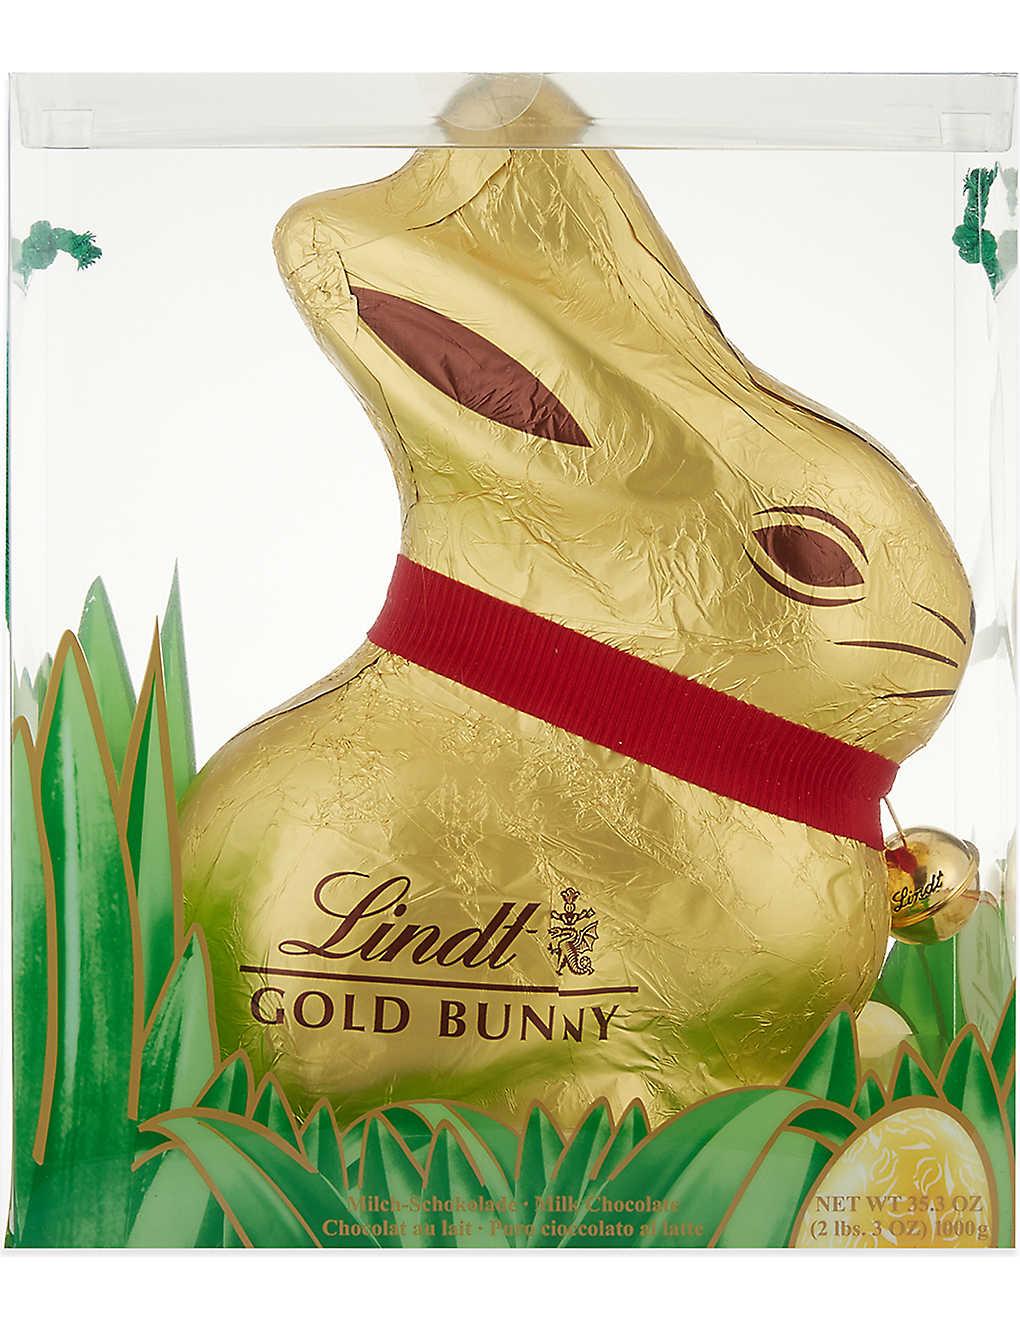 Lindt Gold Bunny 1kg Selfridgescom